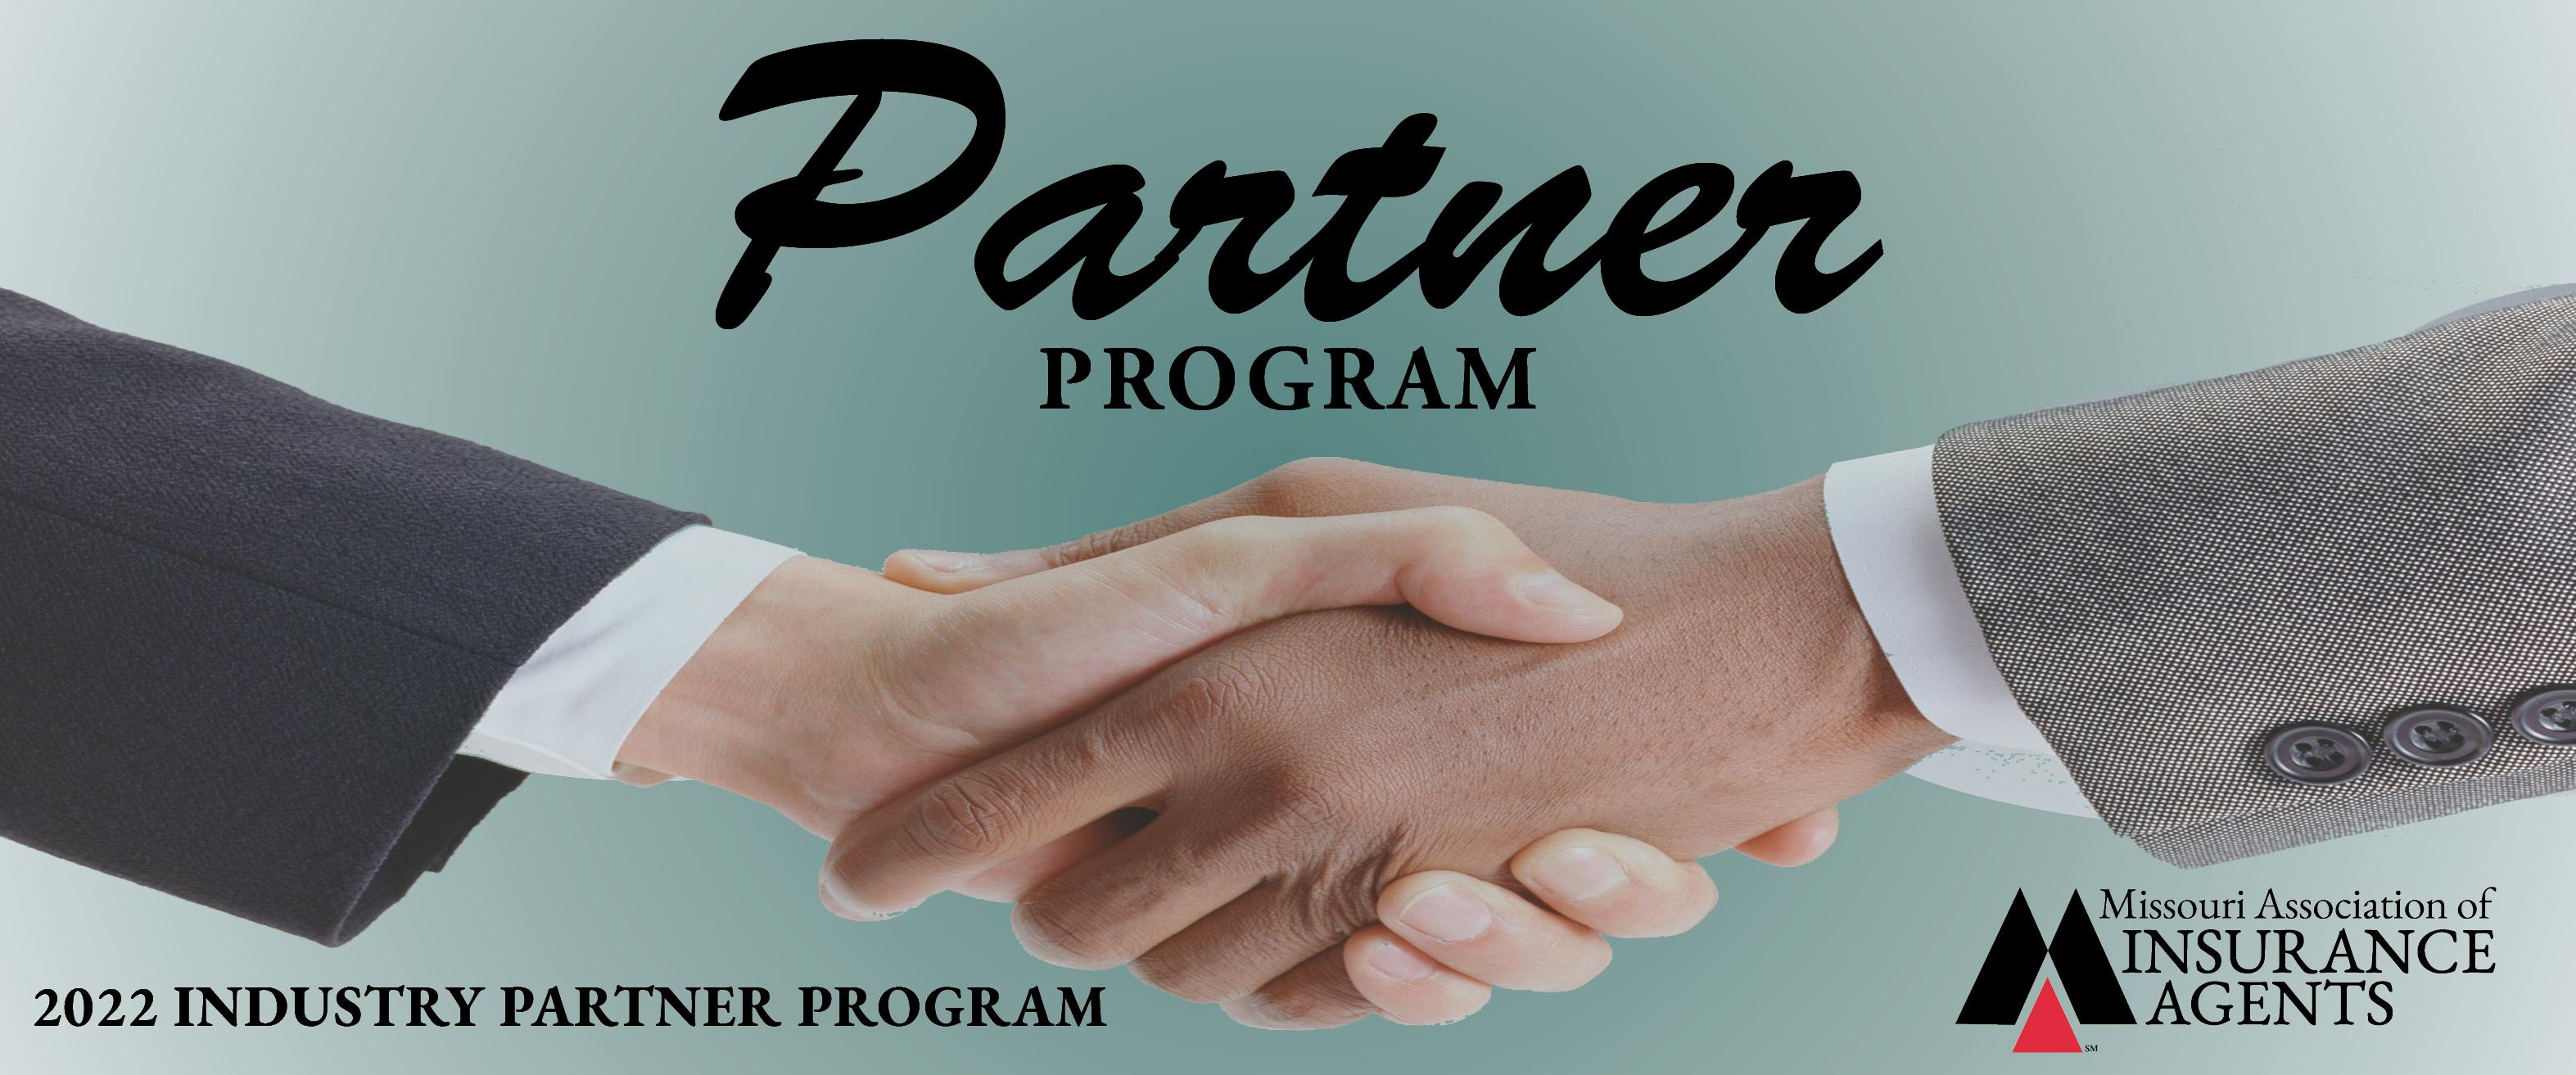 2022 Partner Program